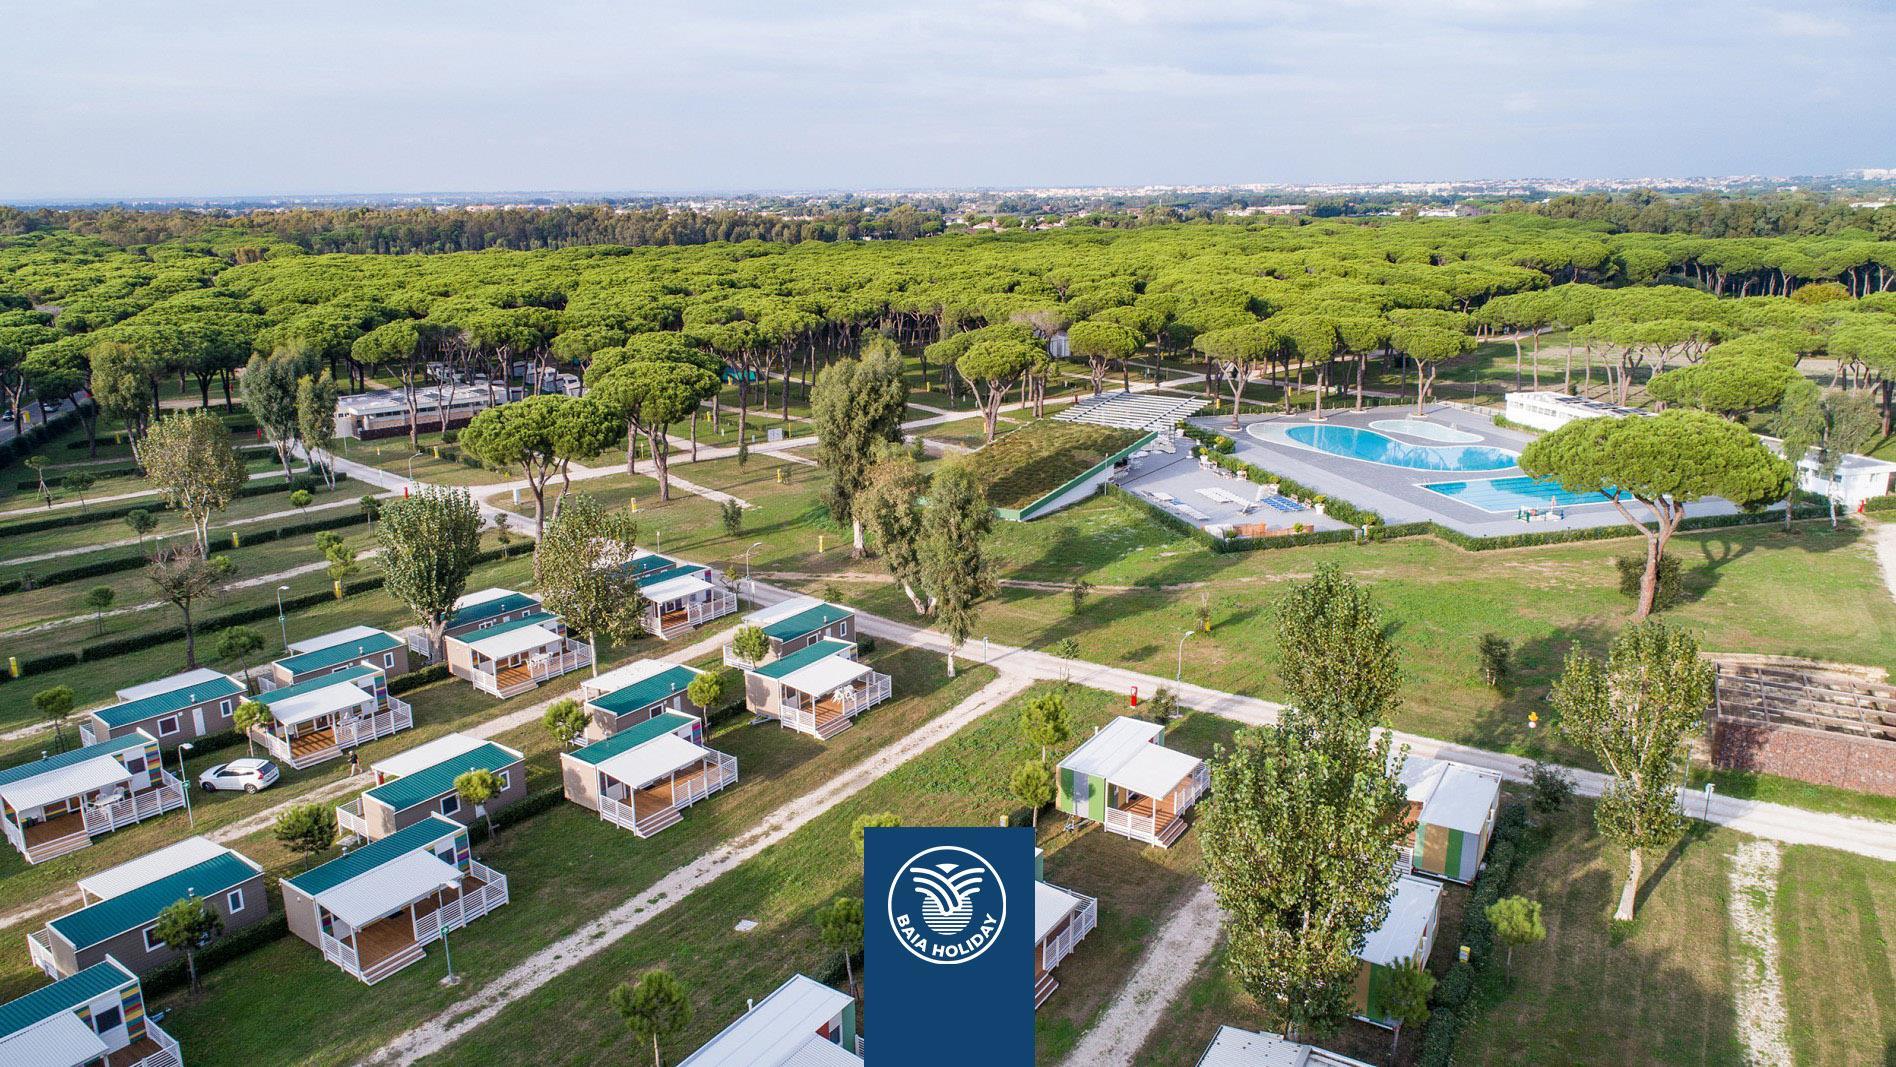 Chalets Appartementen Zwembad Natuur Bomen